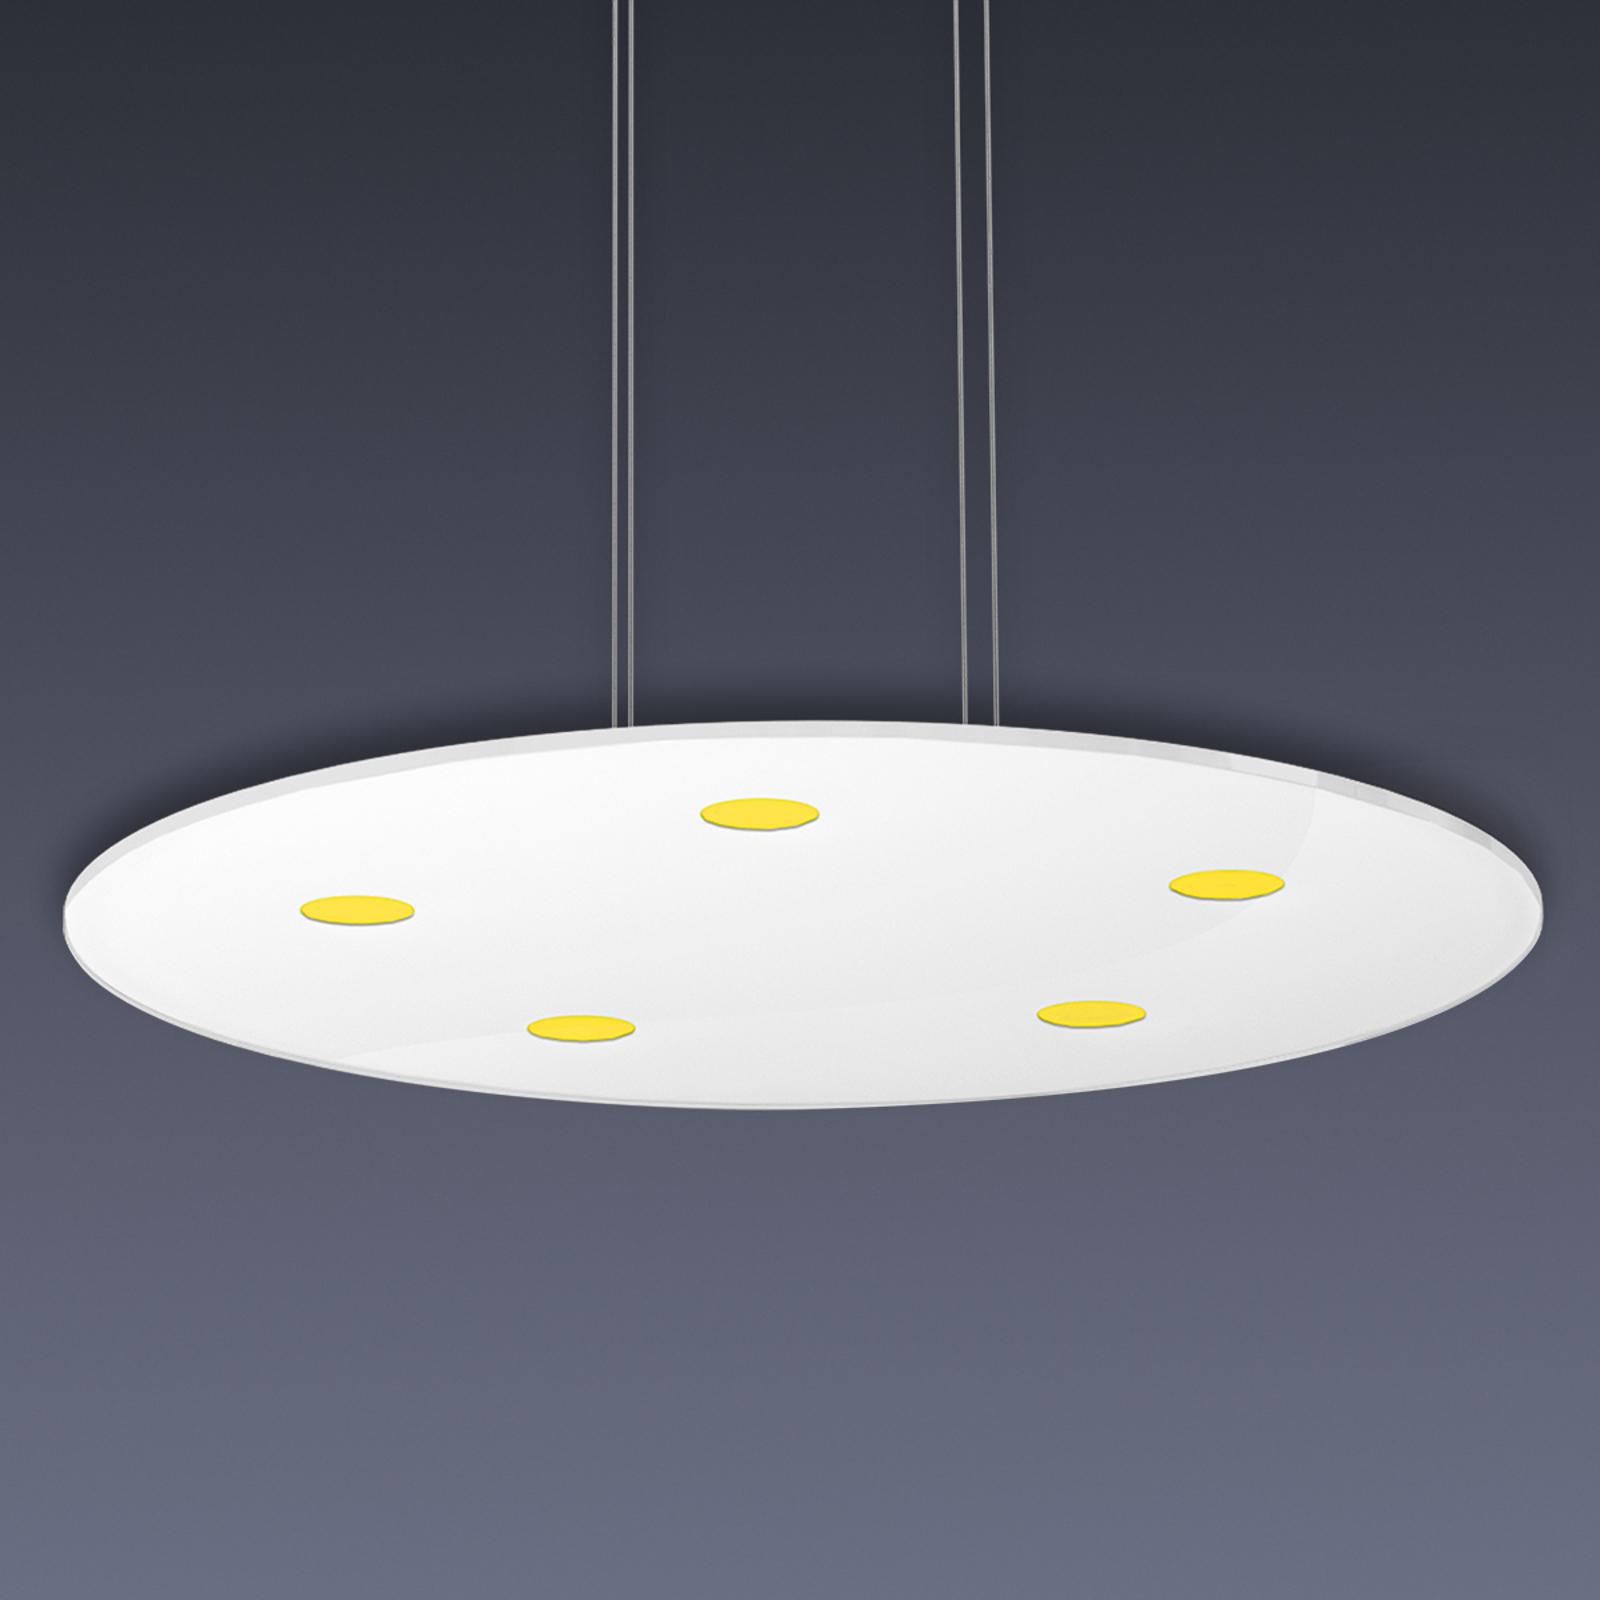 Acquista Lampada a sospensione LED Sunia dimmerabile